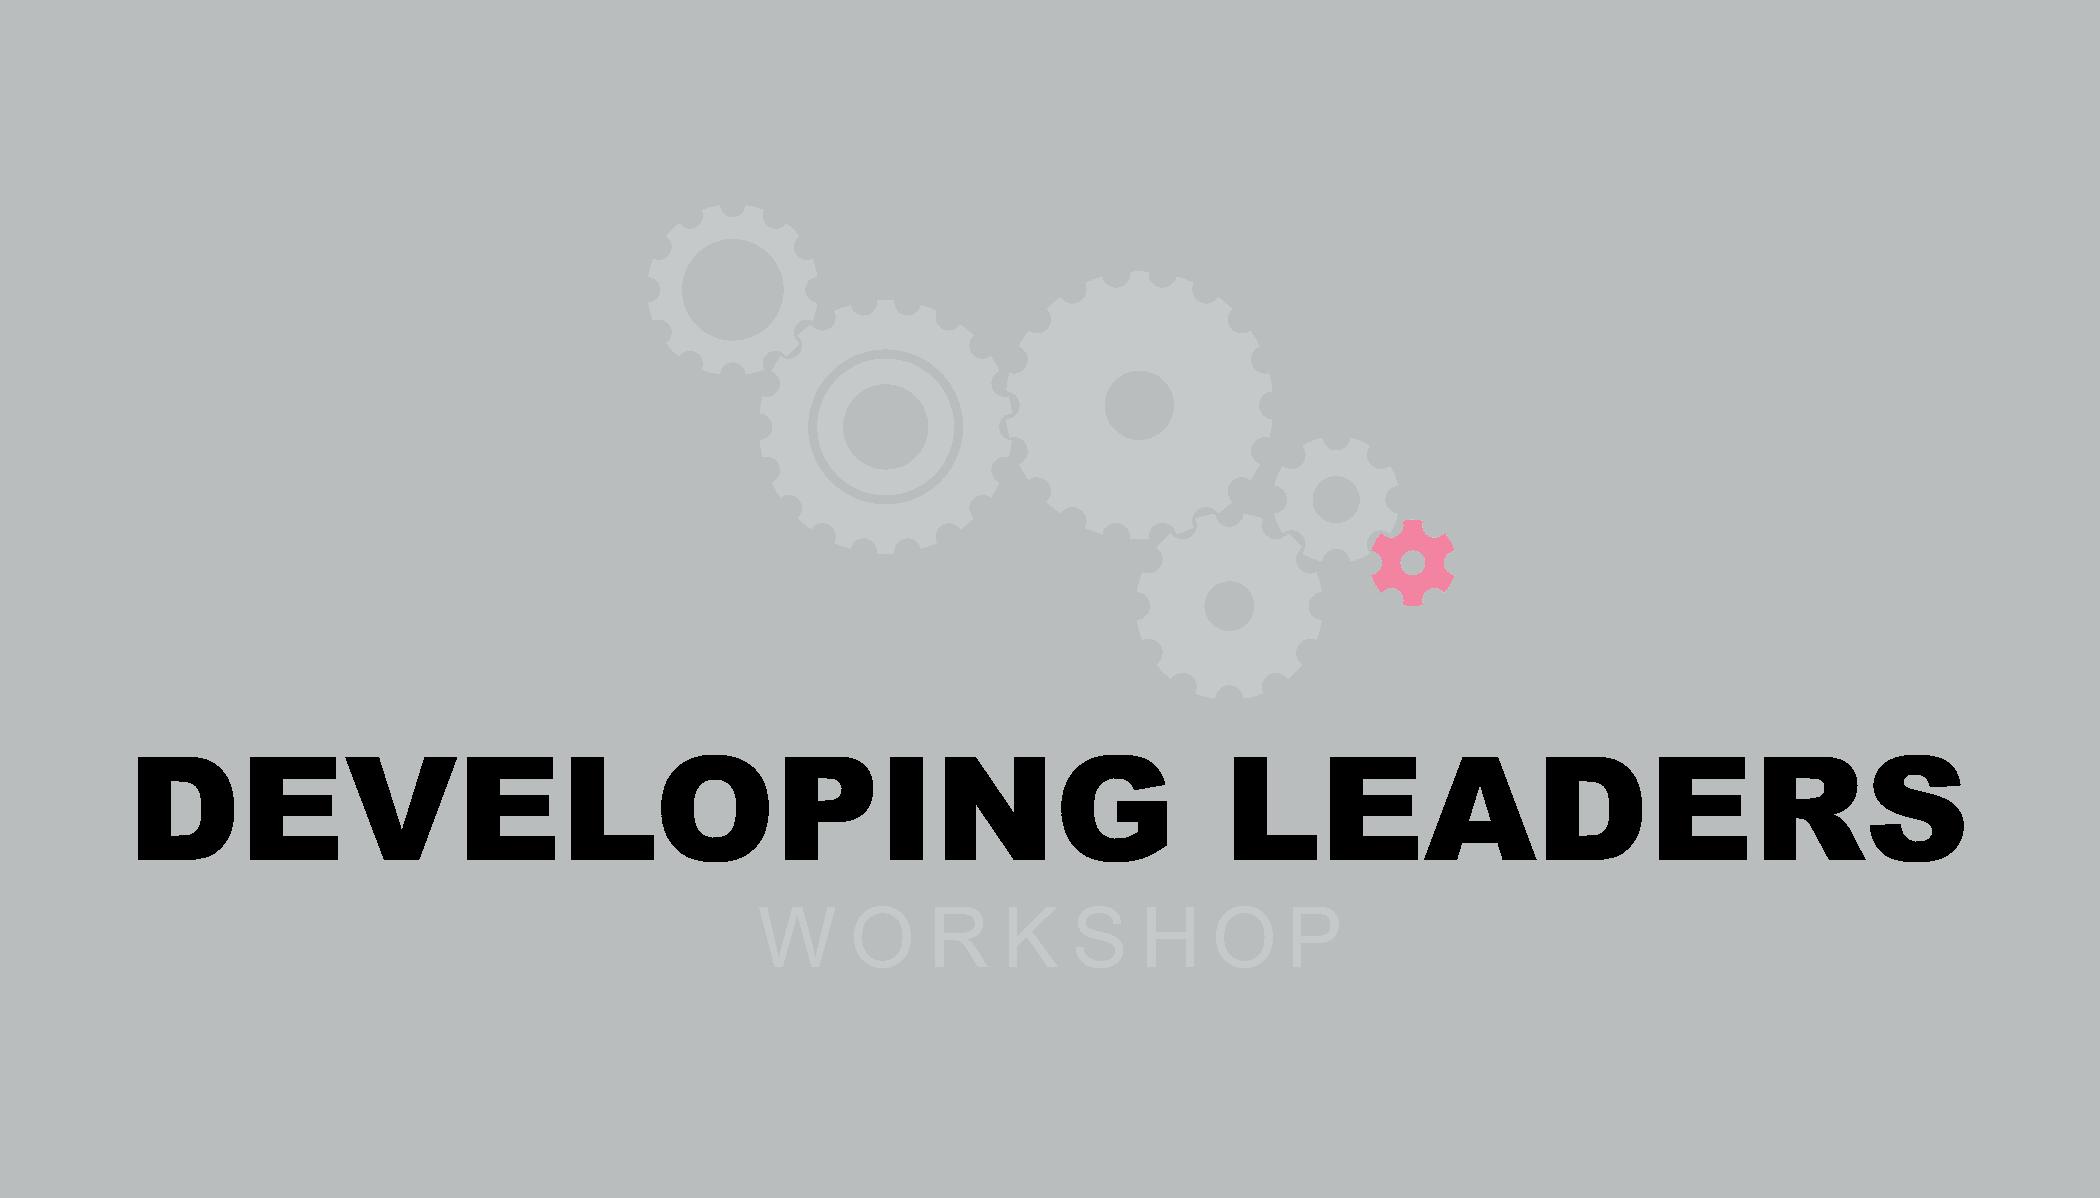 Developing leaders logo Revelation